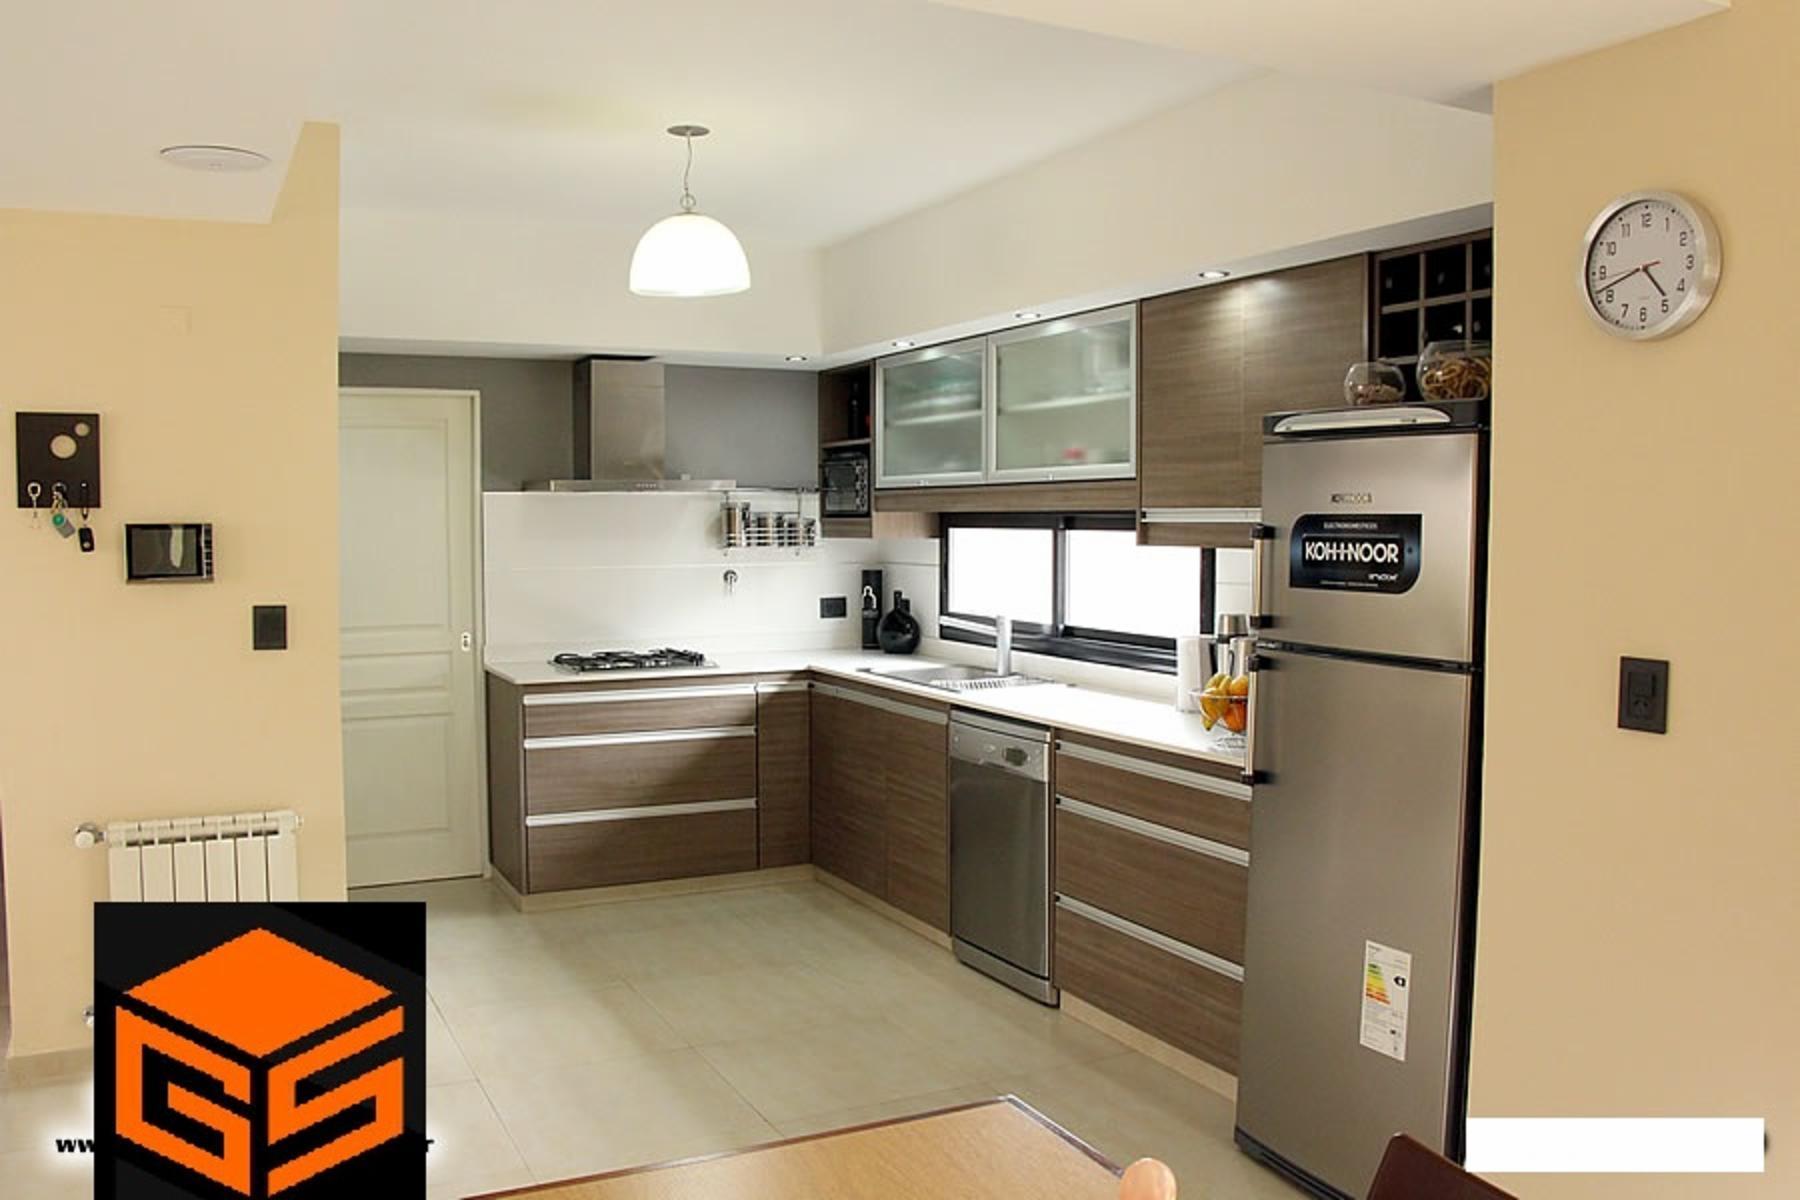 PROXIMAMENTE VENTA Casa zona LAS CAMELIAS, Guillermo Sanchez Desarrollos Inmobiliarios